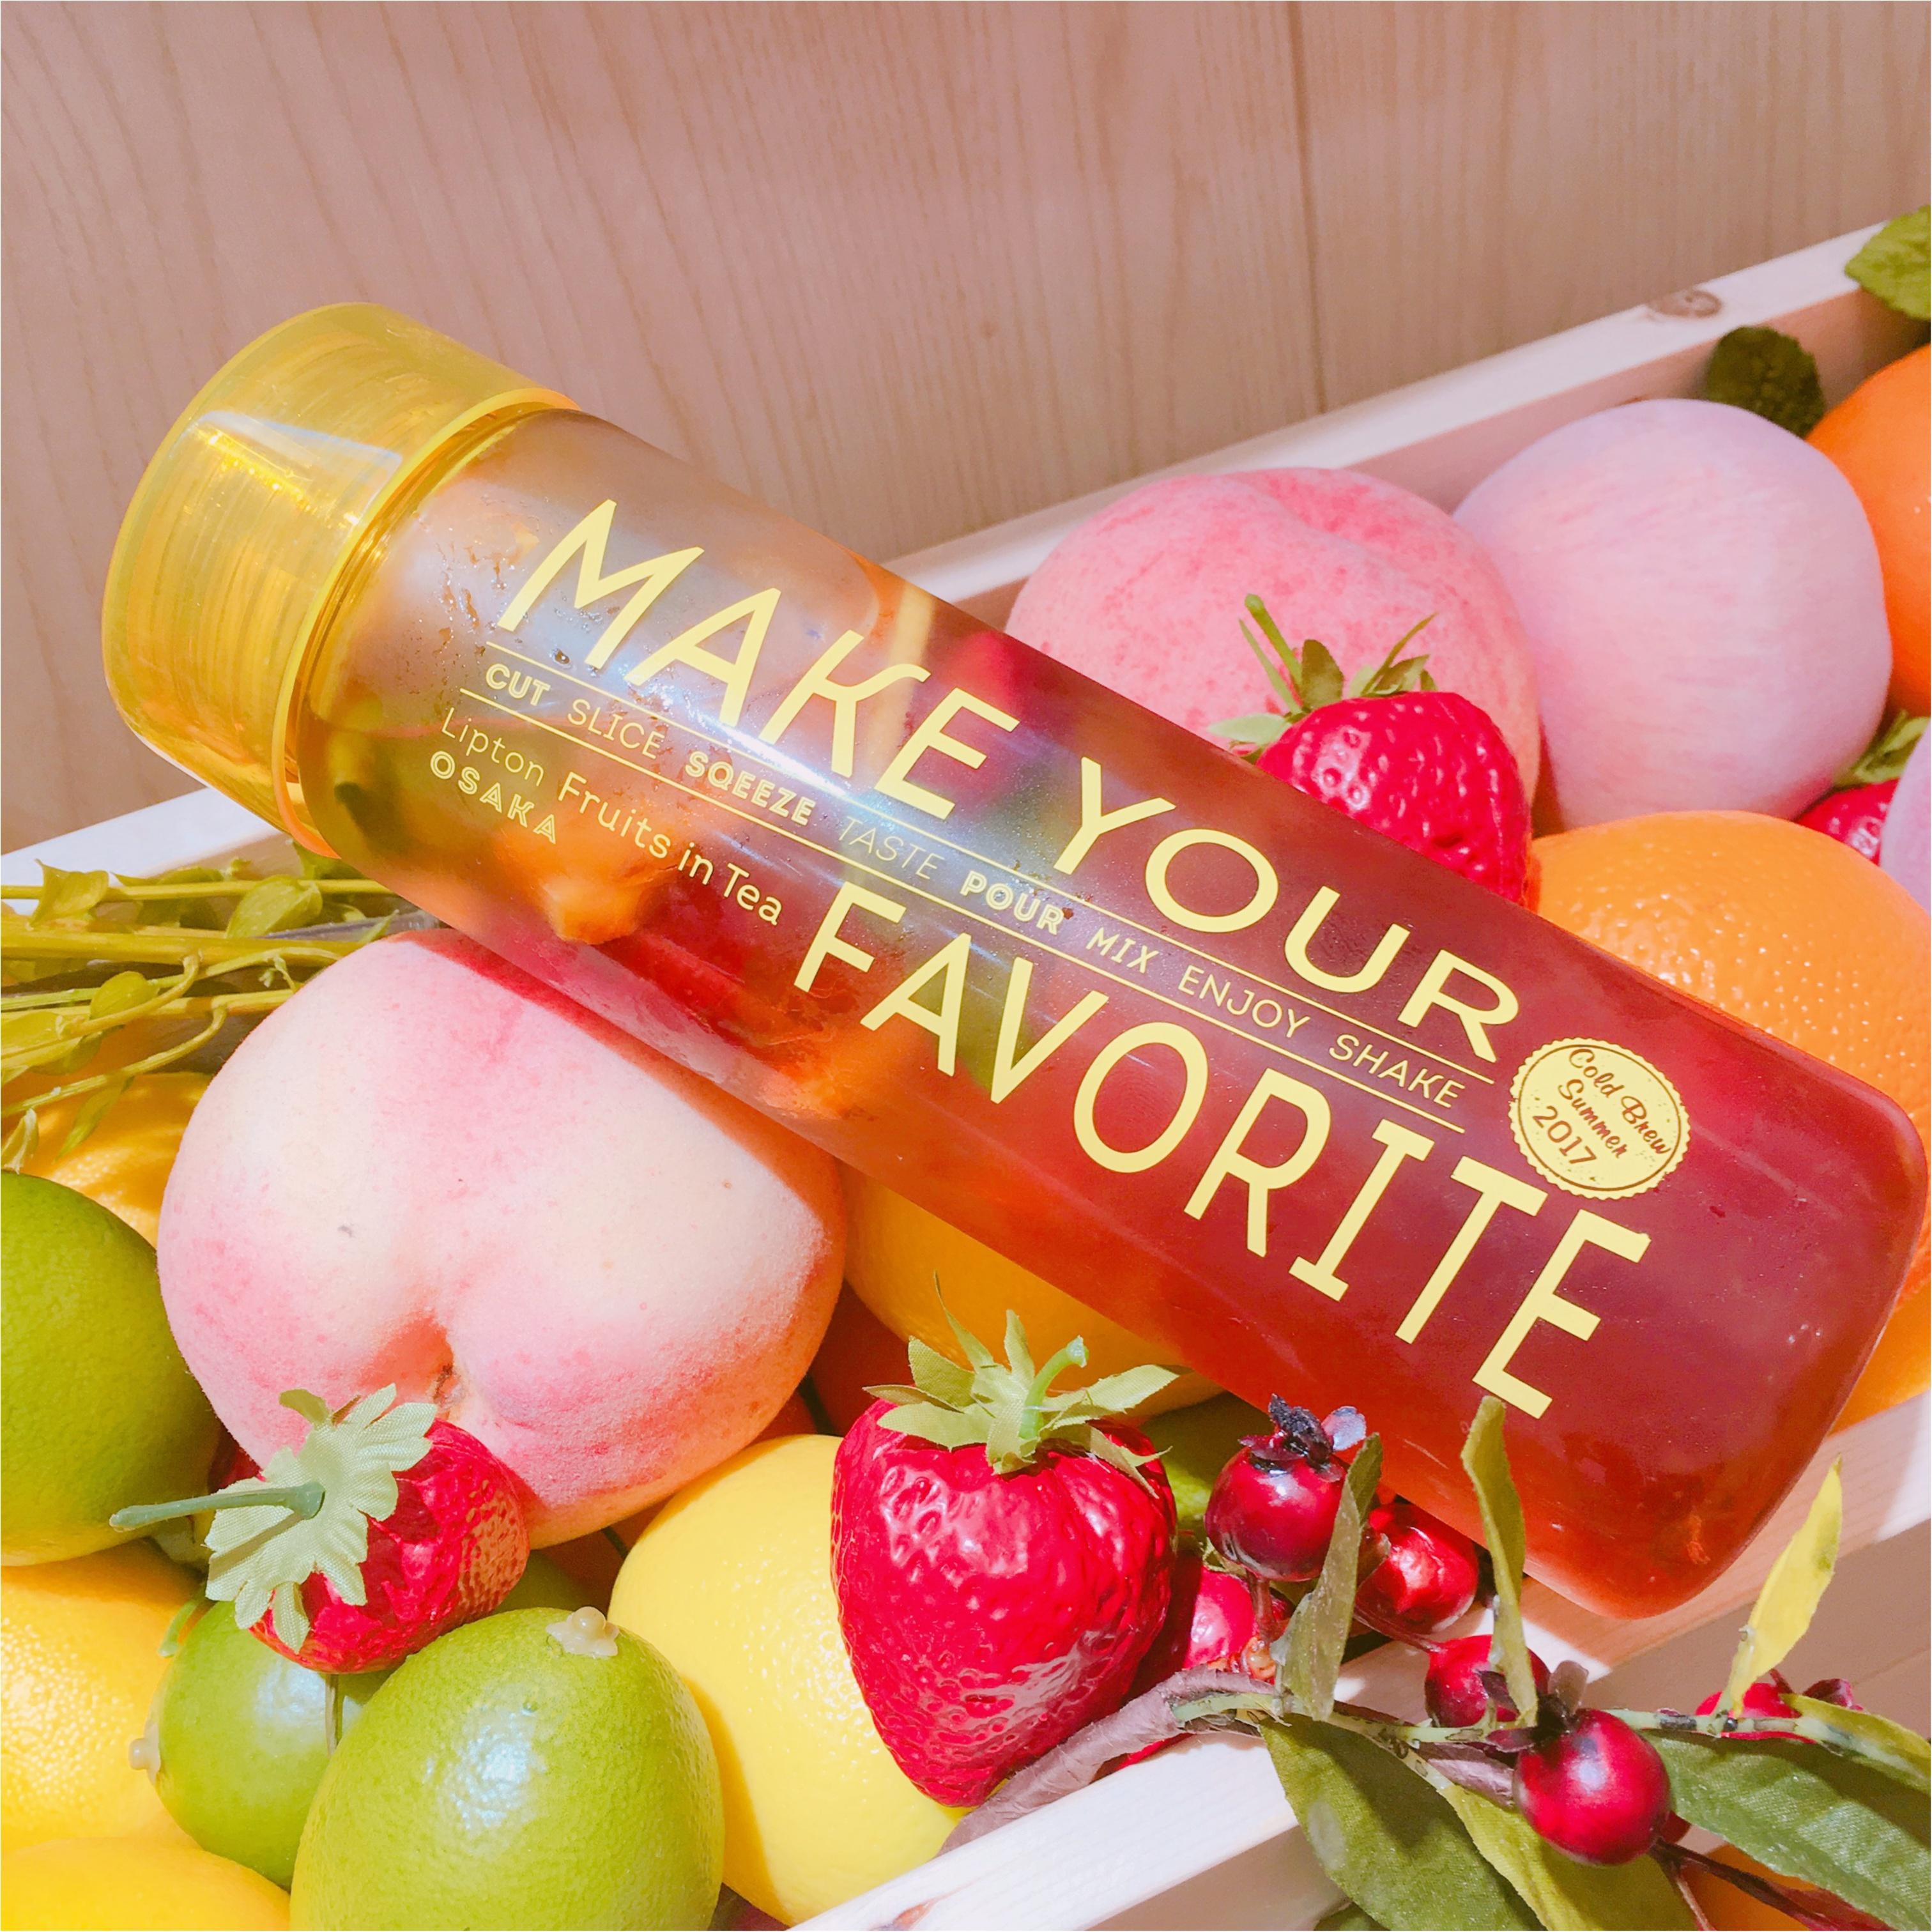 【期間限定】行かなくっちゃ♡オリジナルのフルーツティーが作れる♪《 リプトン 》が新しいアイスティーの専門店をオープン♡ ♡_4